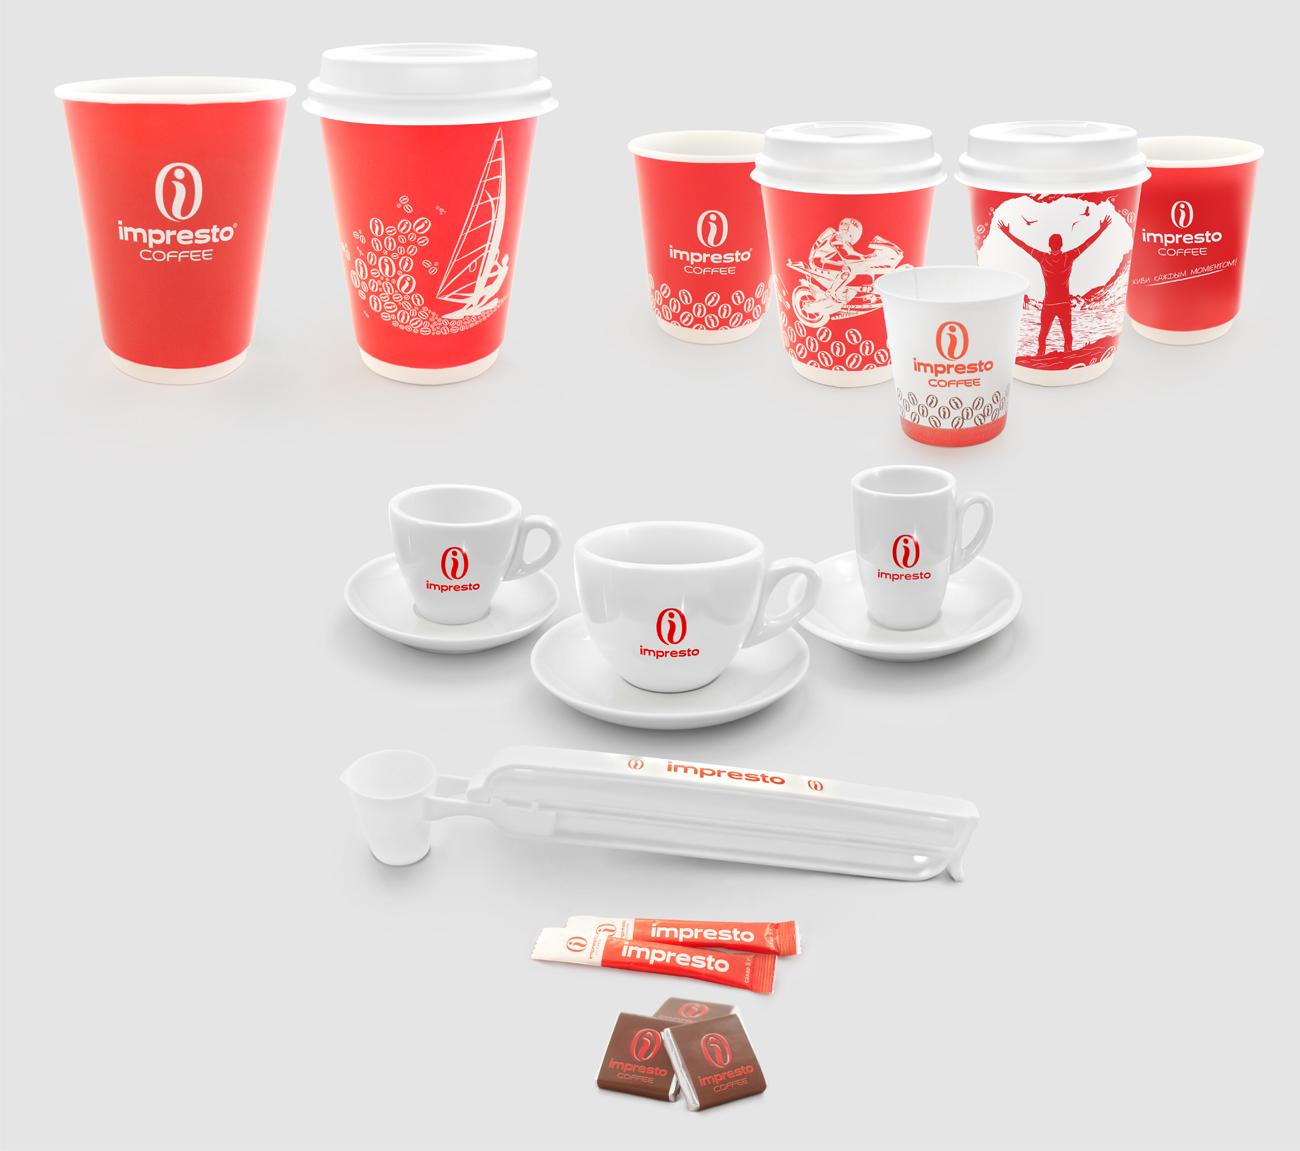 Предметная фотография кофейных аксессуаров IMPRESTO